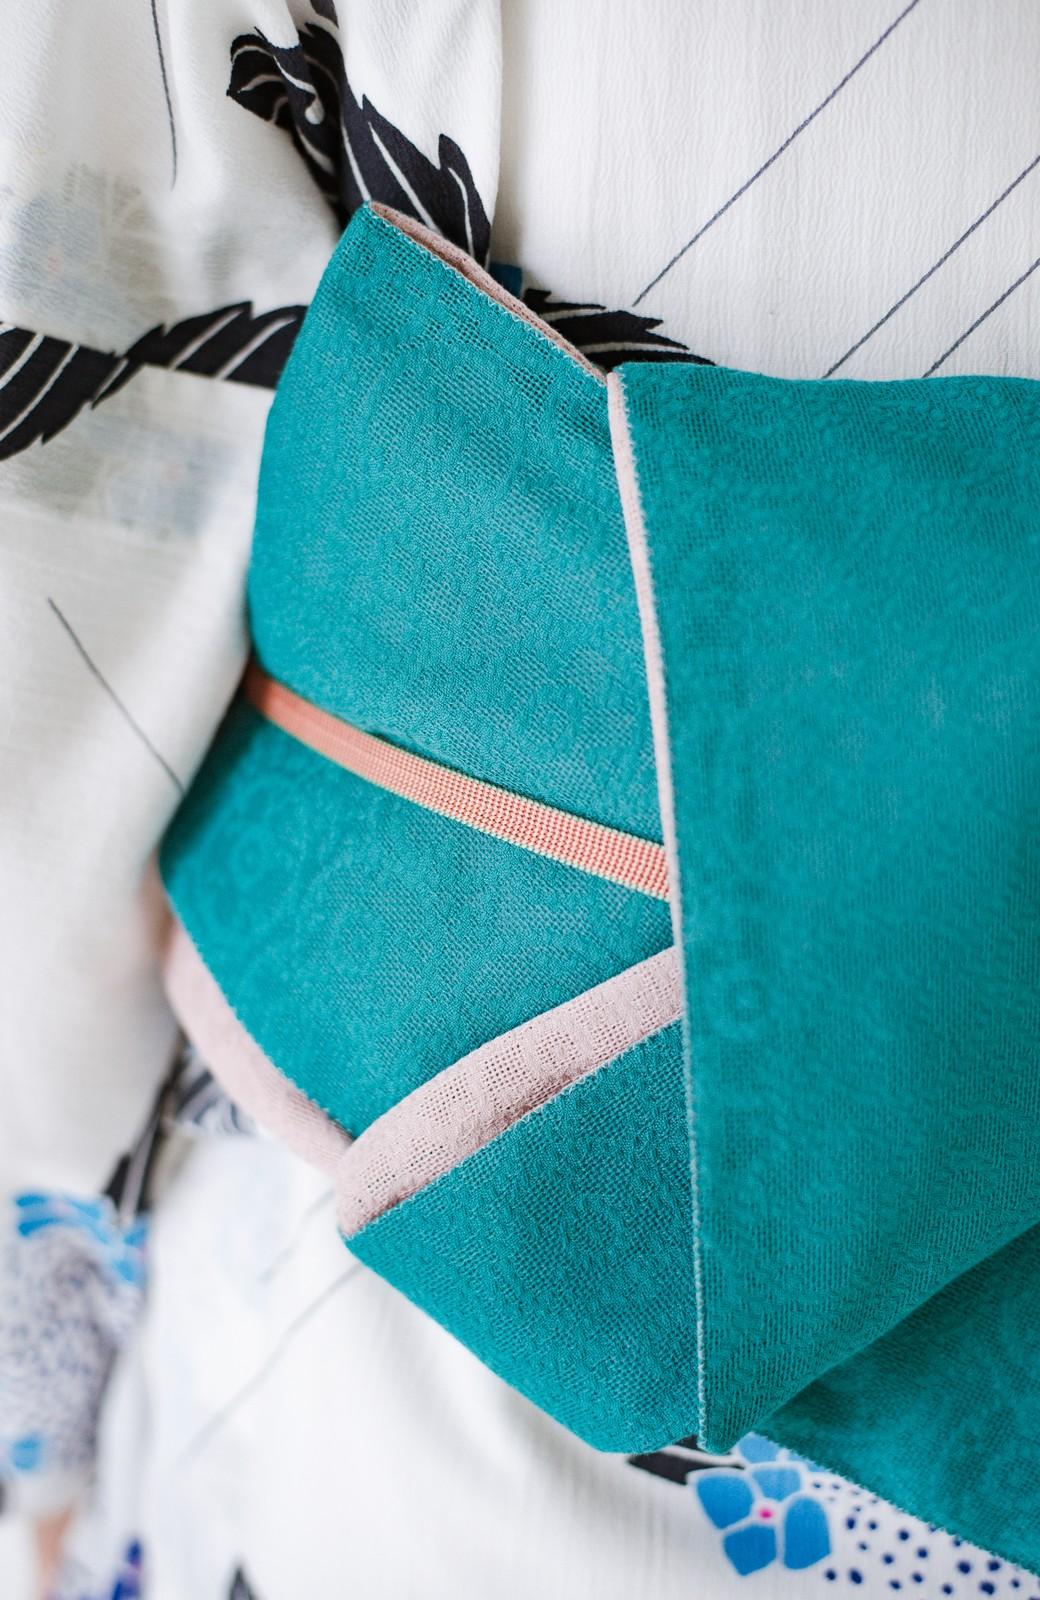 haco! ひでや工房 京都のからみ織ジャカードリバーシブル帯 <グリーン×ピンク>の商品写真12